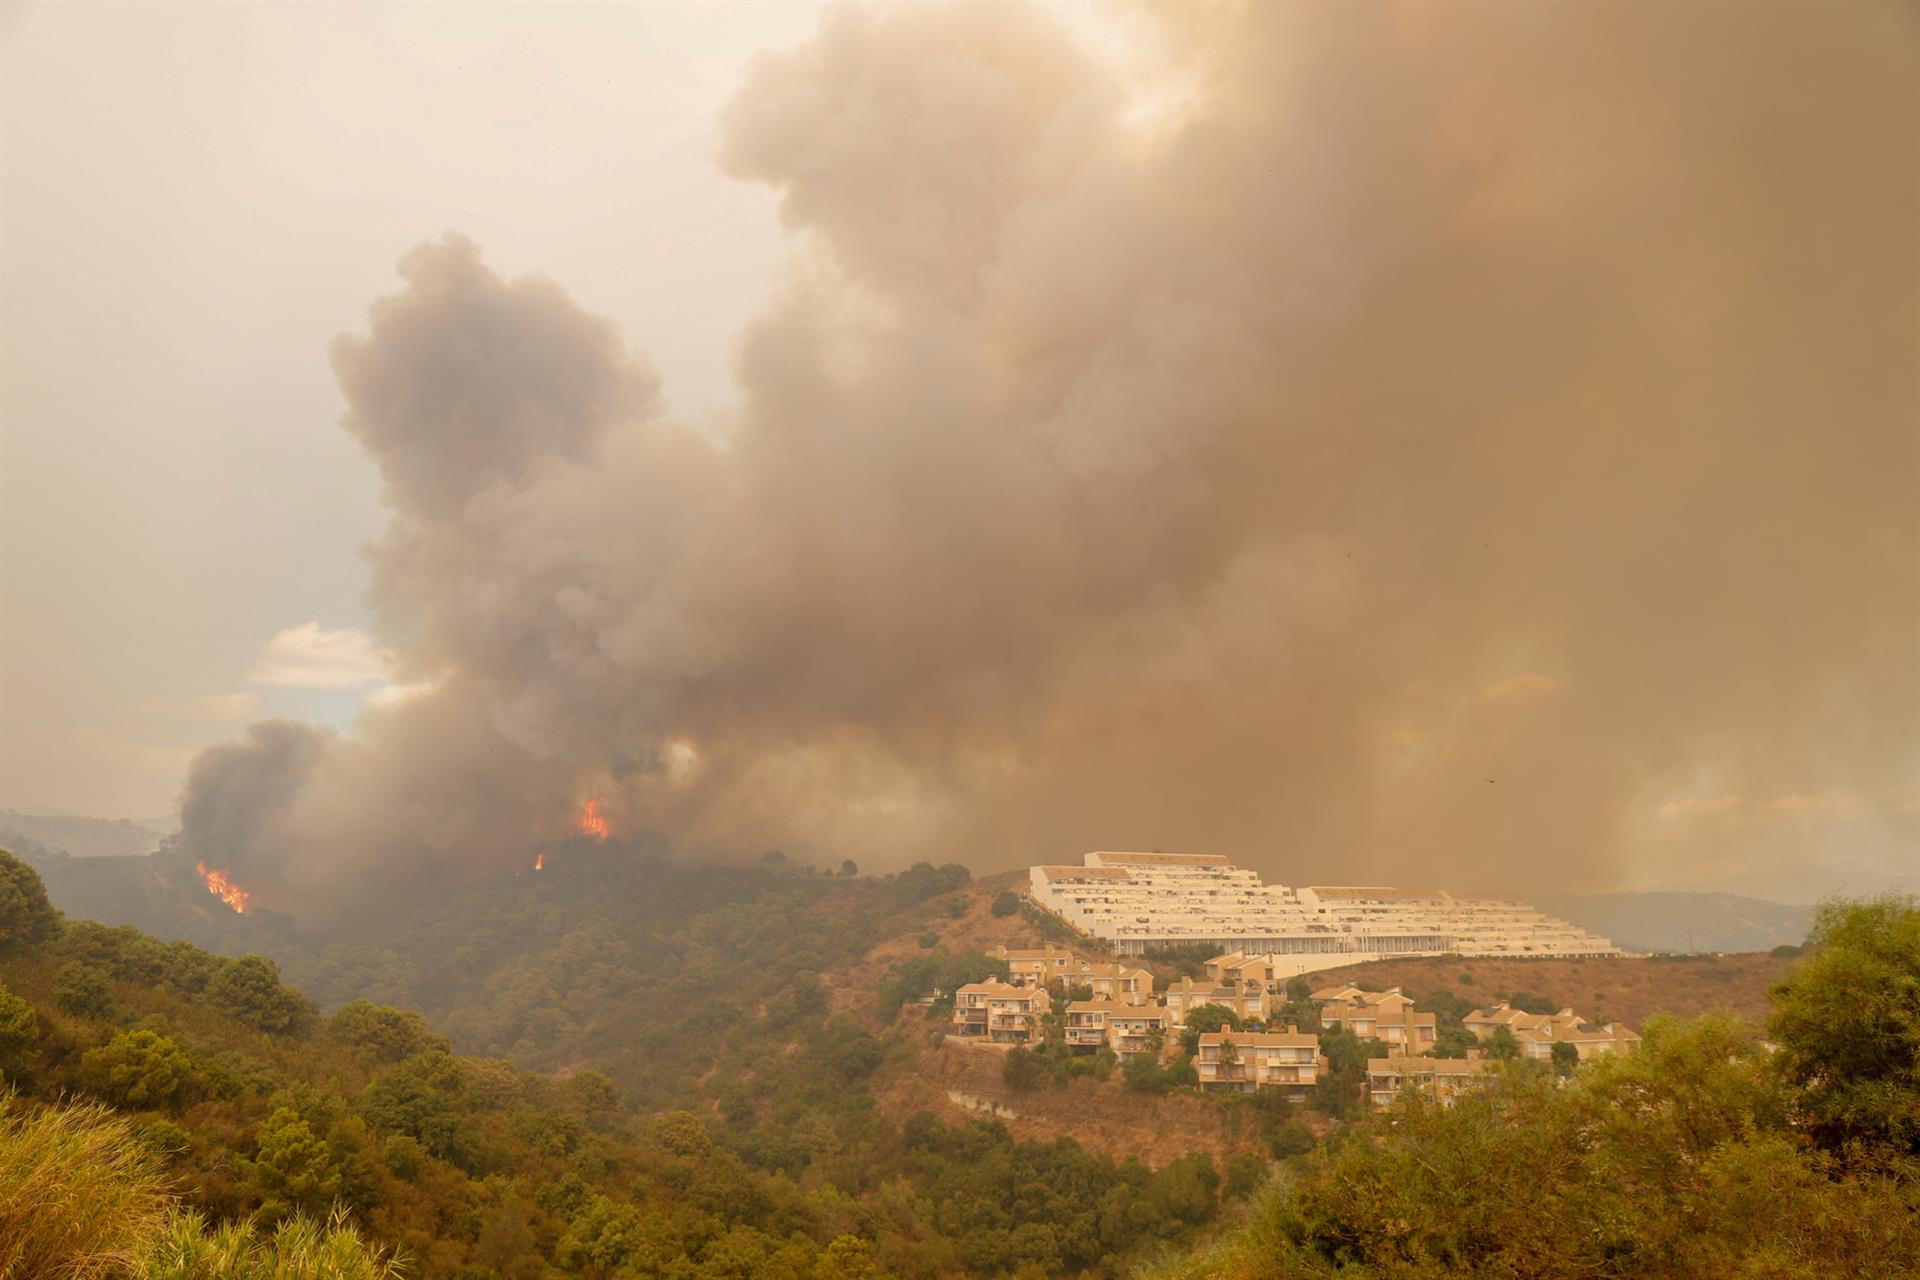 Unos 300 efectivos siguen lucha contra incendio en Sierra Bermeja, que afecta a 3.600 hectáreas